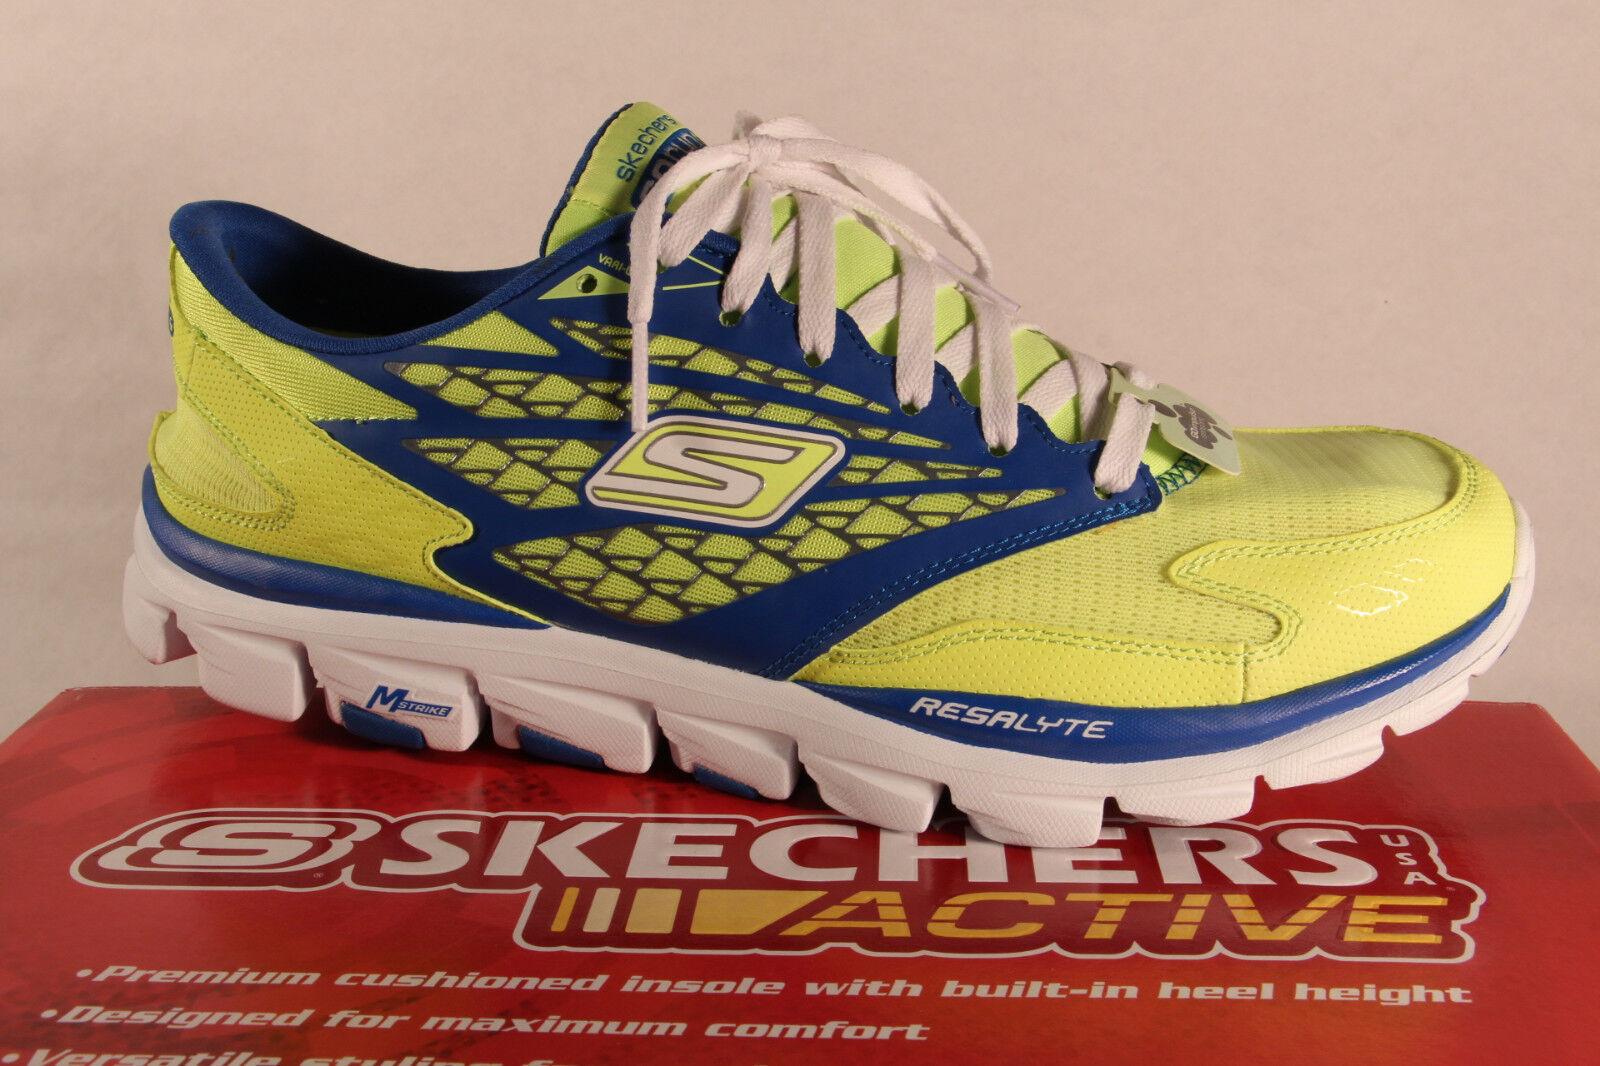 Scarpe casual da uomo  Skechers Uomo Scarpe con lacci Pantofola da Ginnastica Basse Giallo neon NUOVO